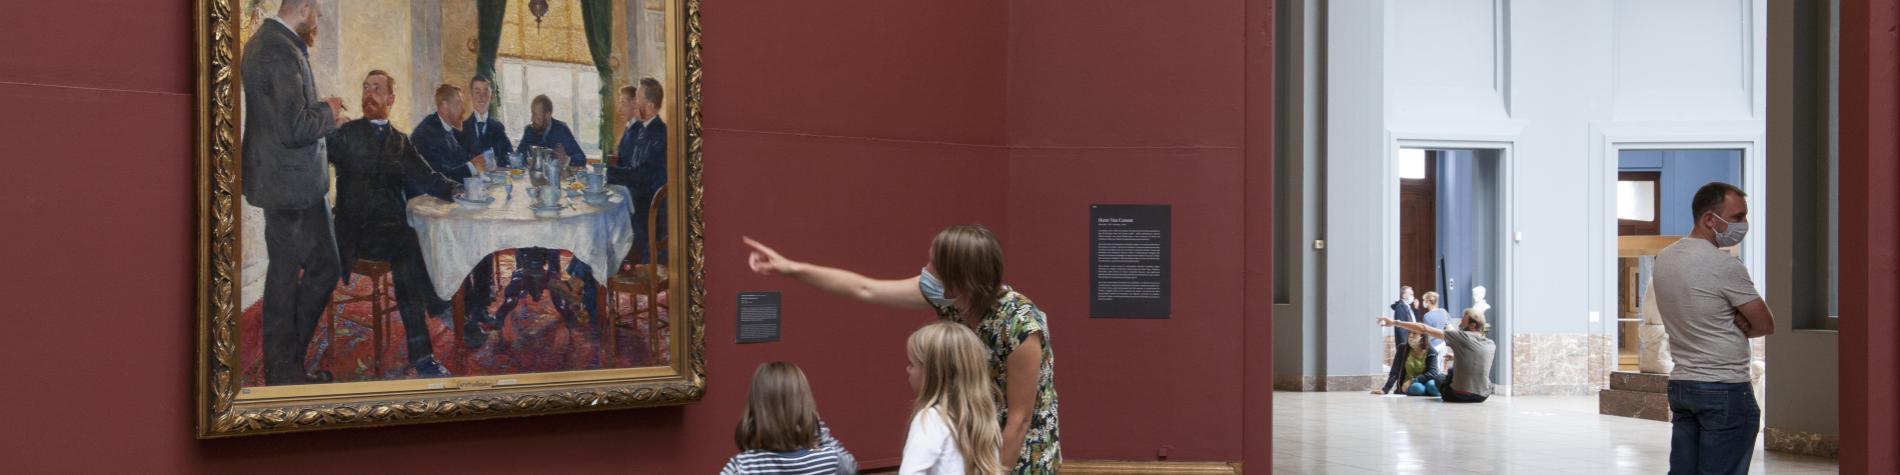 Musée-Beaux-Arts-Peinture-Art-Culture-Tournai